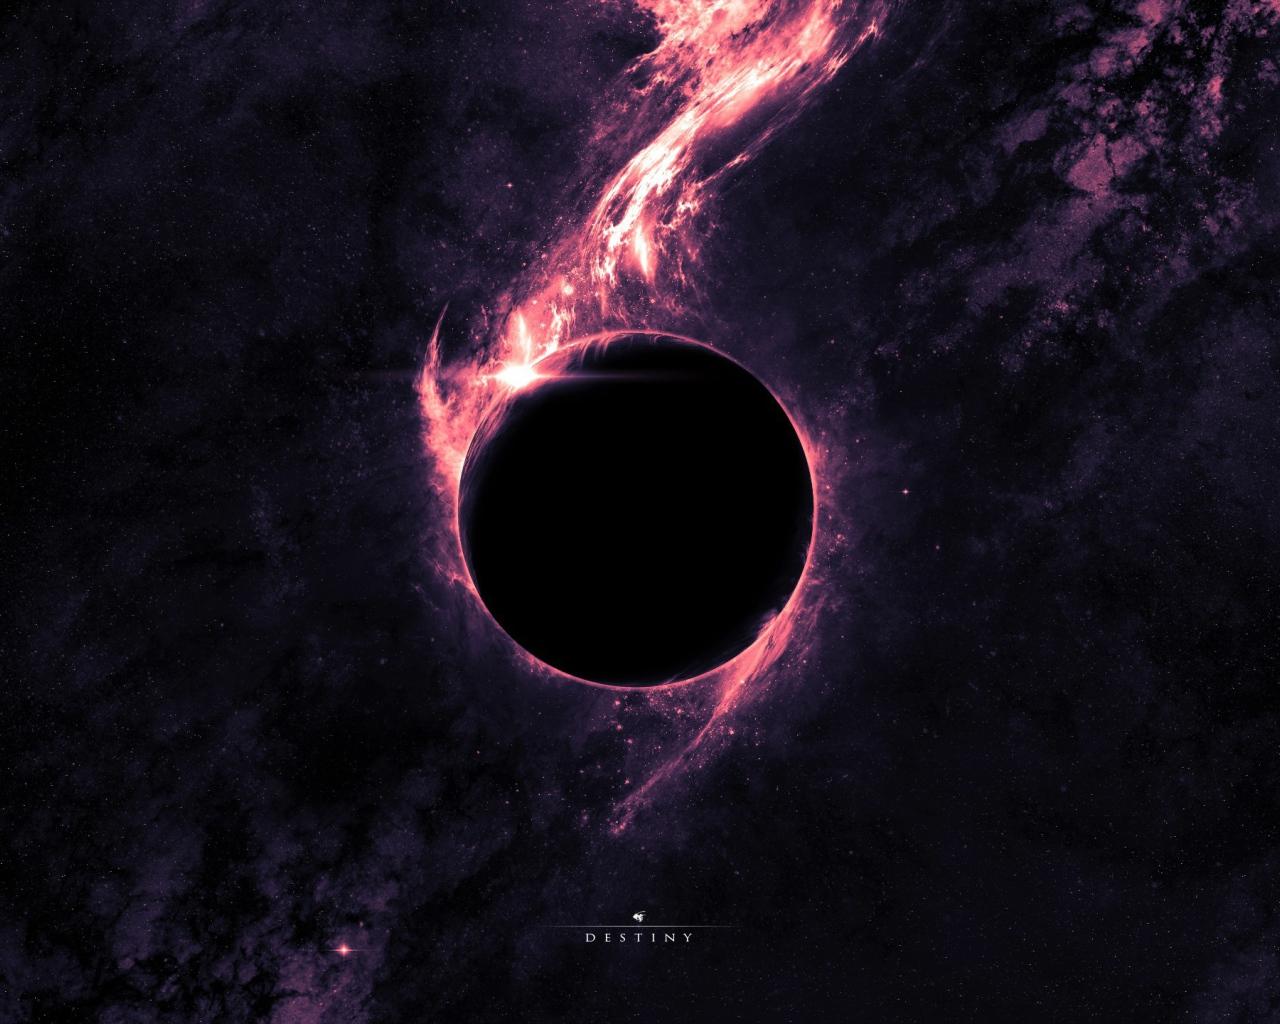 темная звезда картинки все большее количество